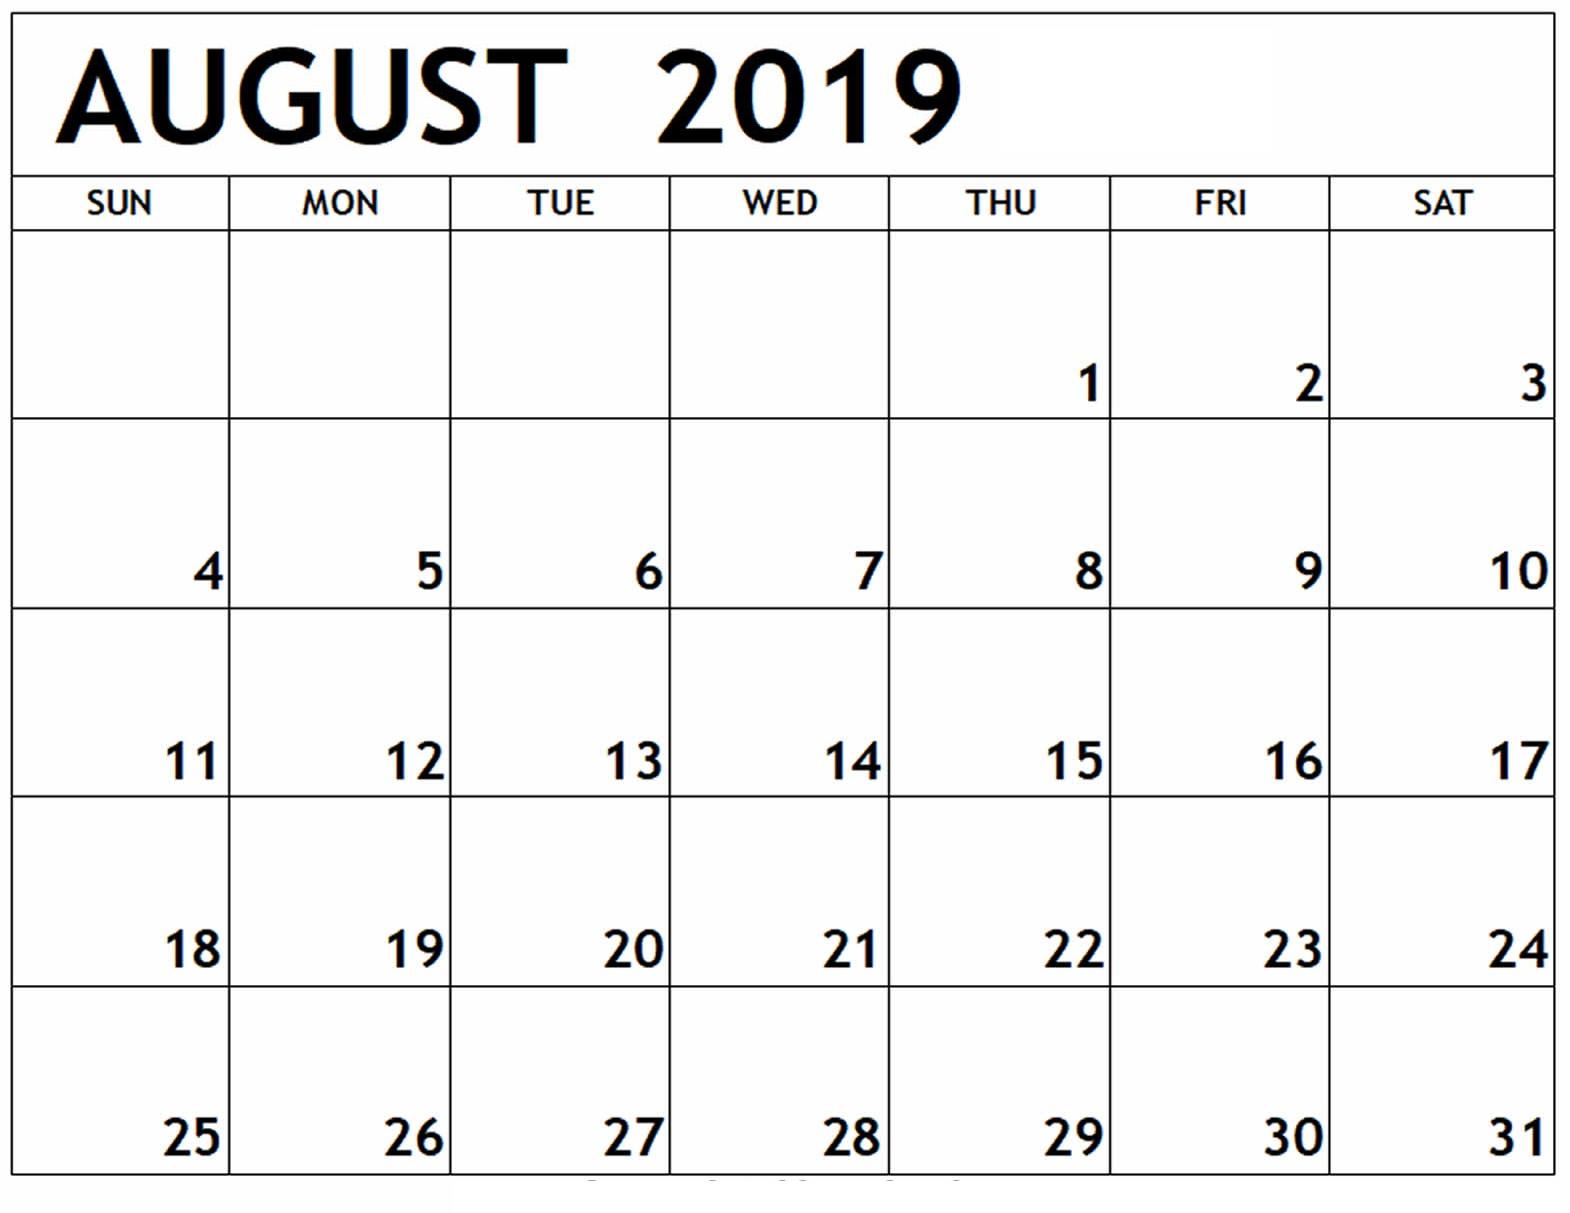 August 2019 Calendar Printable Worksheet | Free Printable